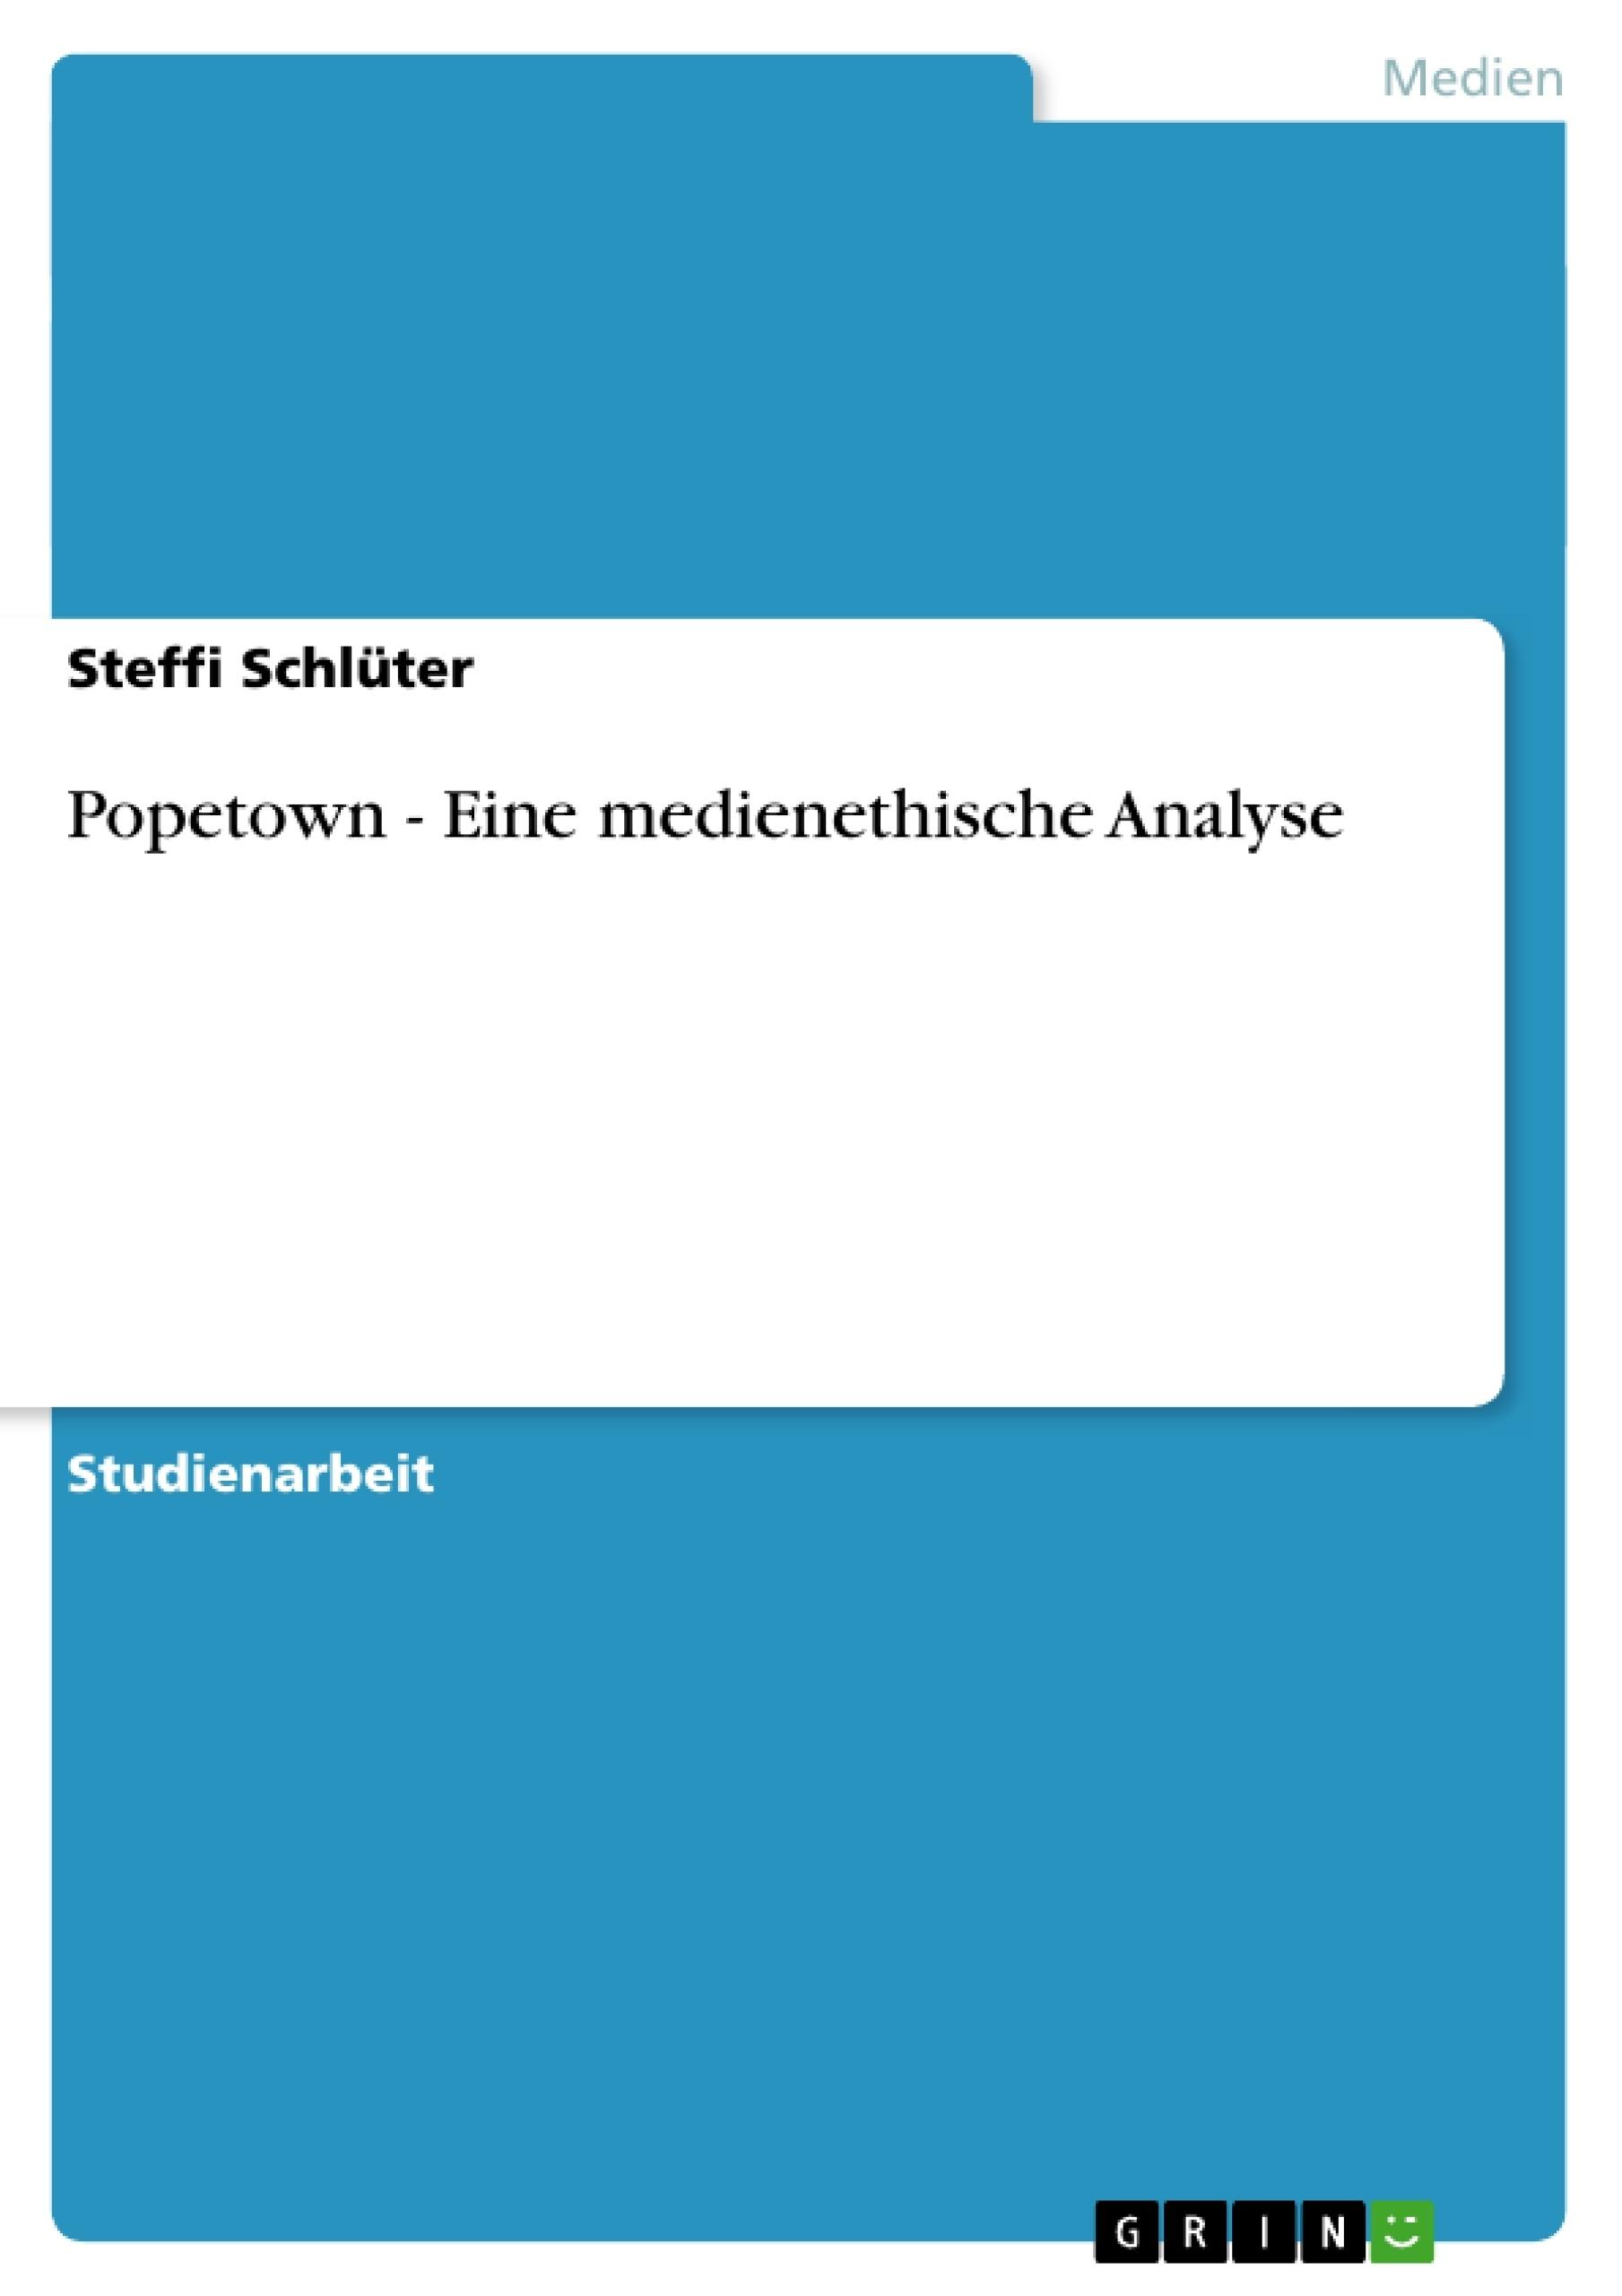 Titel: Popetown - Eine medienethische Analyse